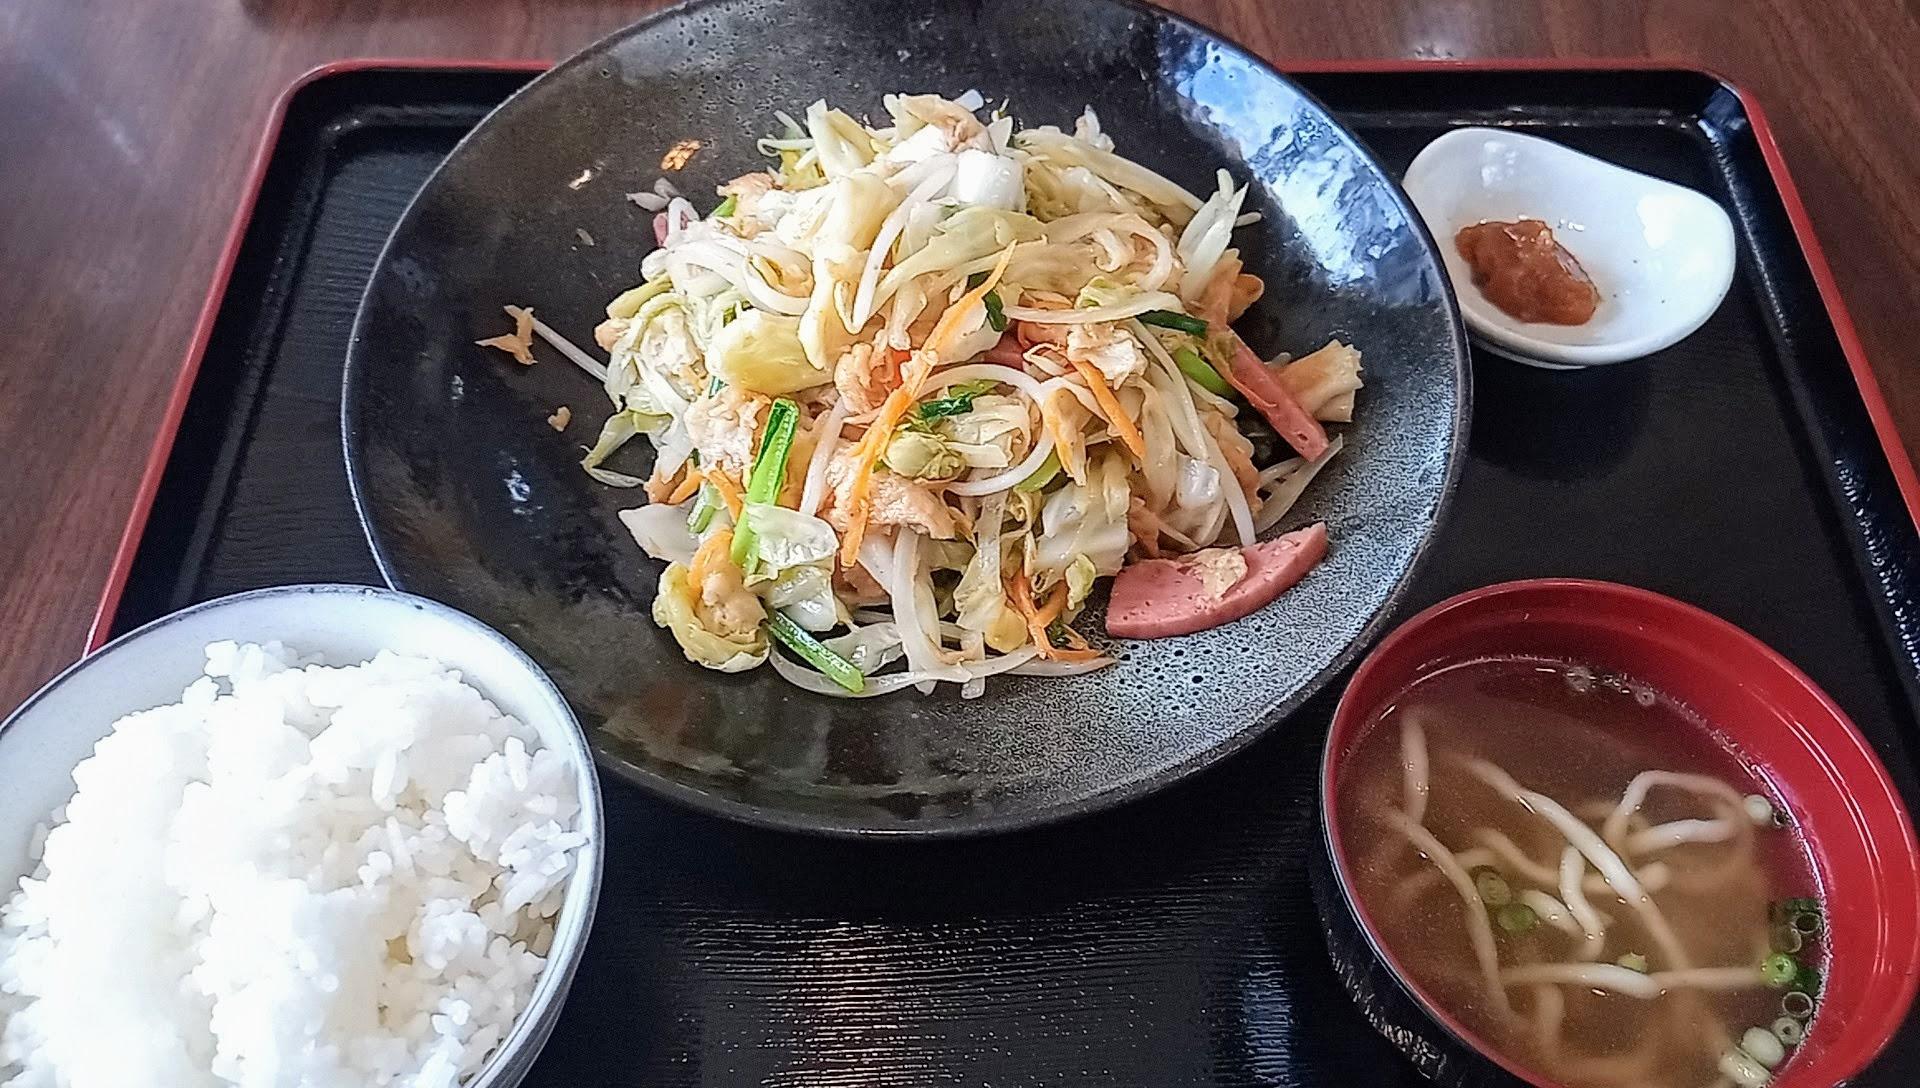 Fu-Chanpuru set meal